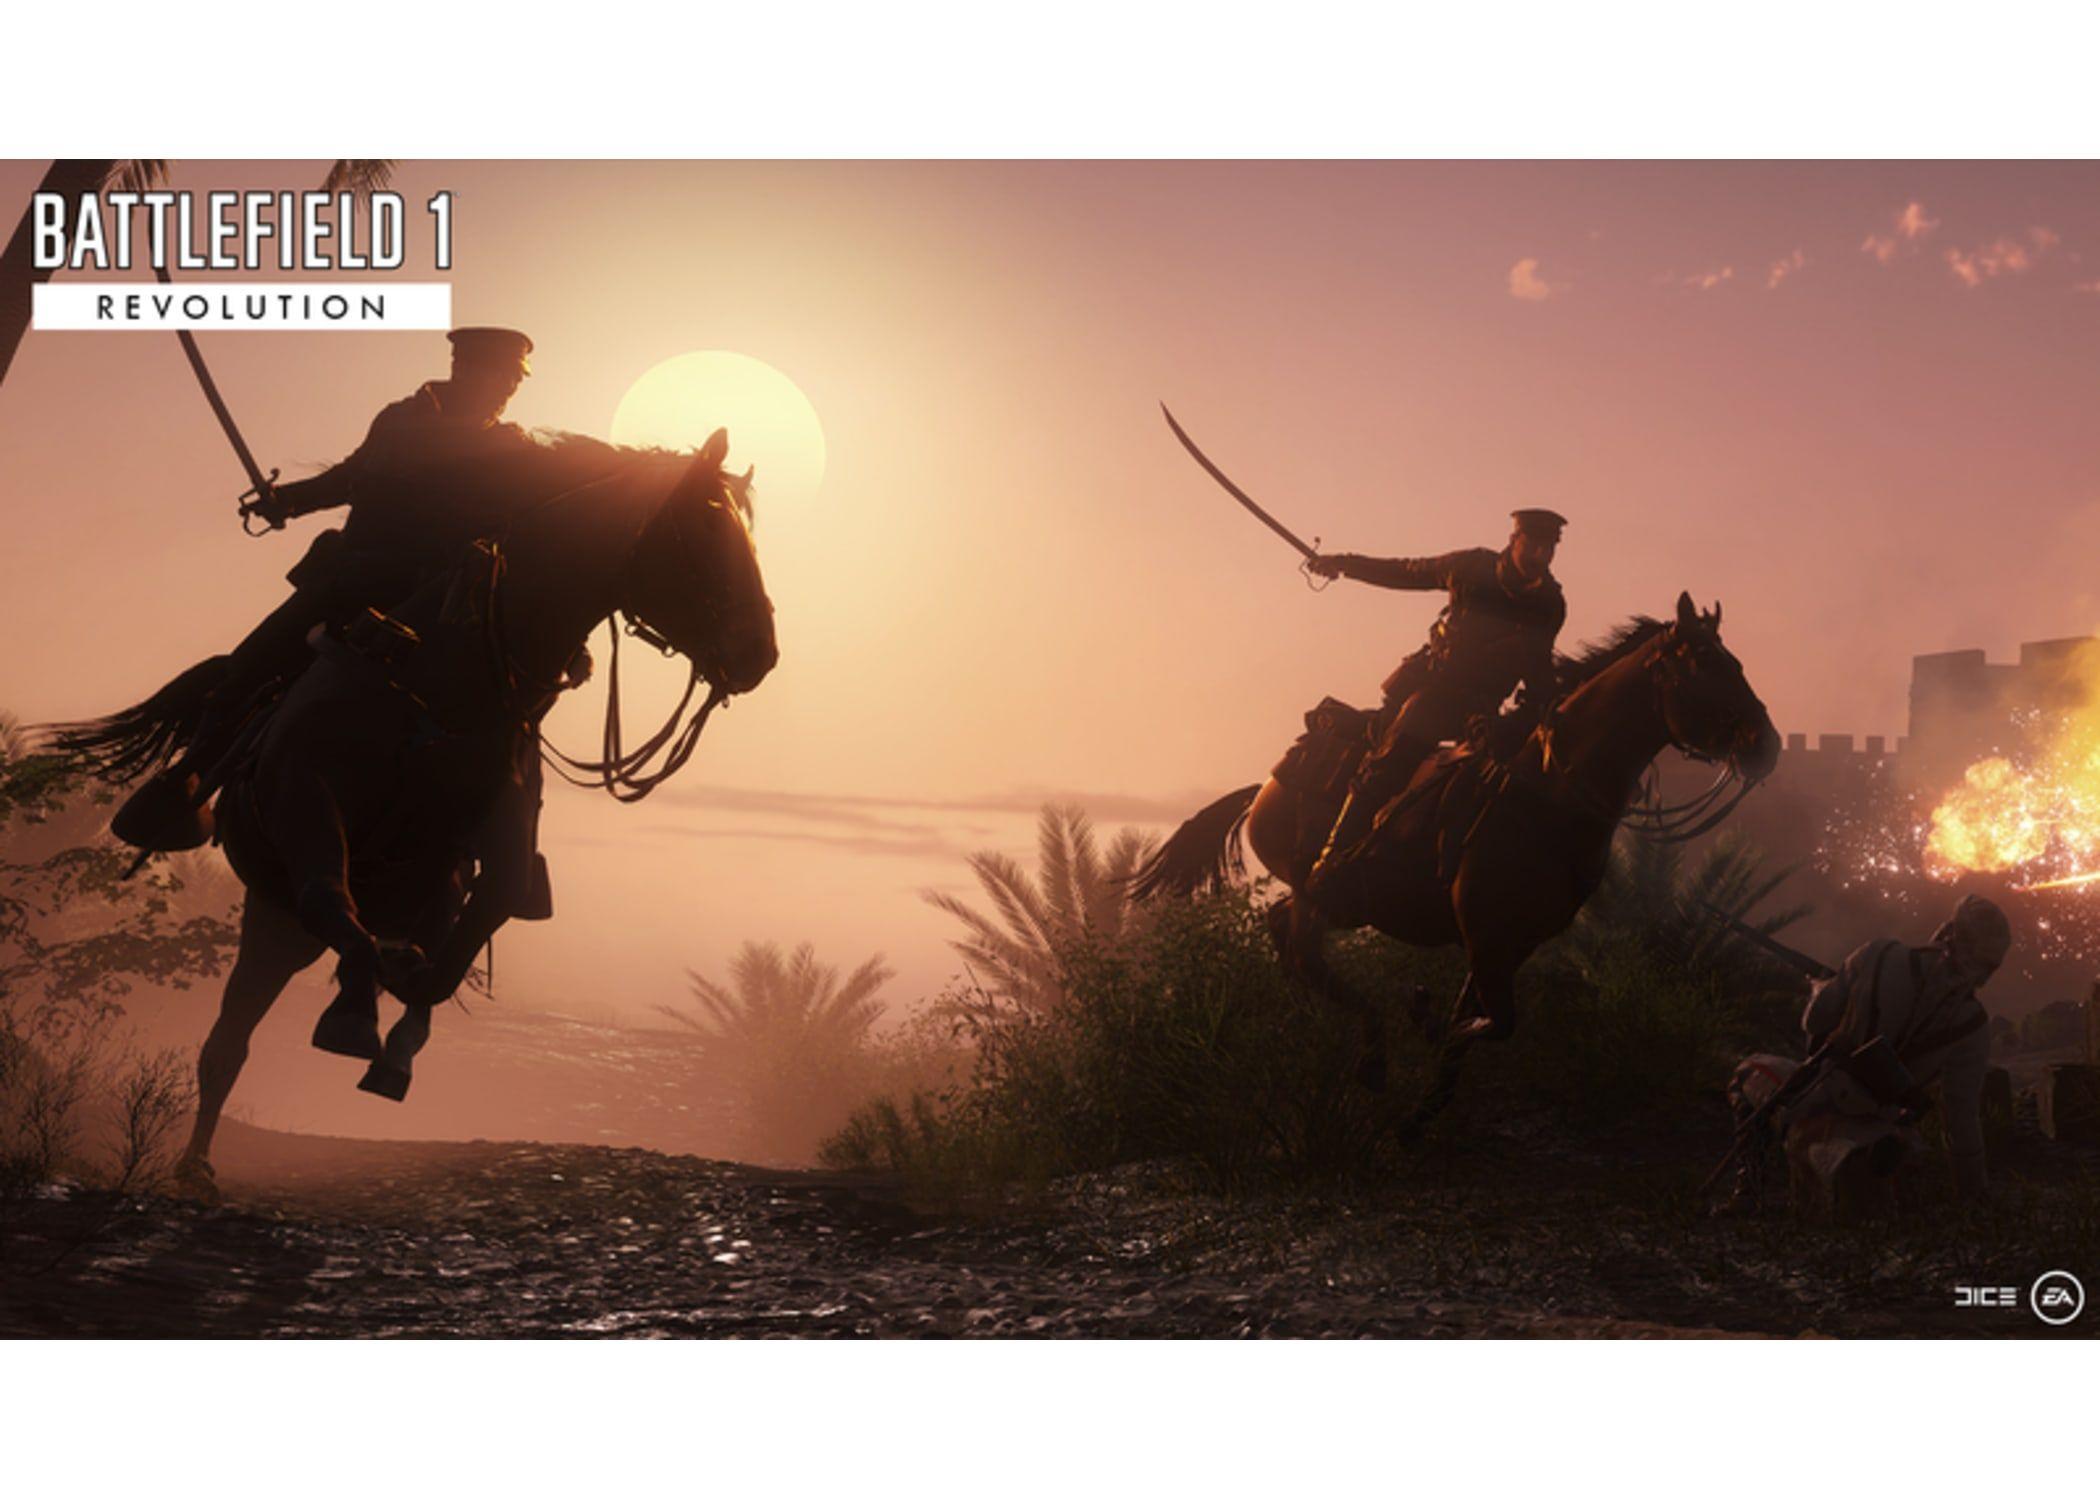 Battlefield 1 Revolution Battlefield 1 Digital Illustration